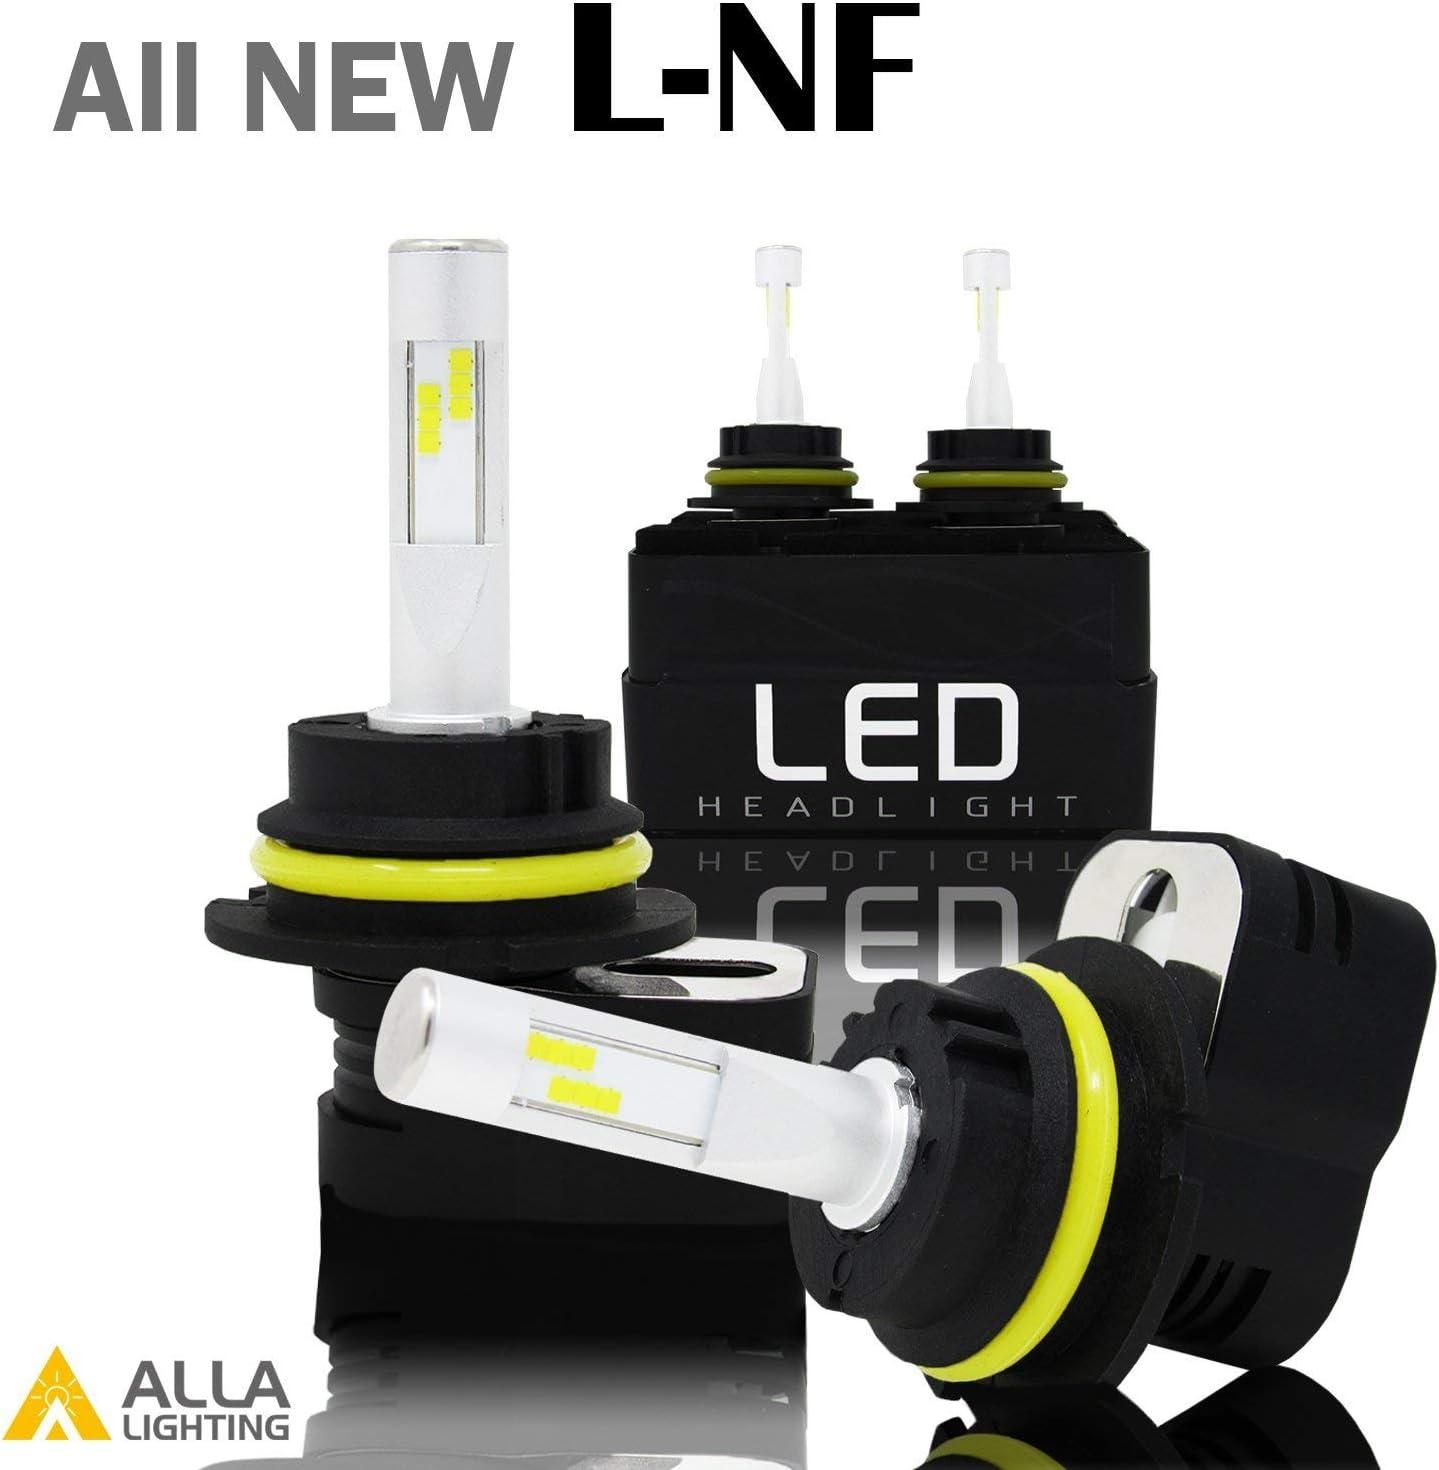 Set of 2 Alla Lighting L-NF Vision H13 LED Headlight Bulbs Extreme Super Bright LED H13 Headlight Bulbs 9008 H13 6000K ~ 6500K Xenon White H13 Bulb 8400Lm H13 9008 LED Headlight Conversion Kit Lamp